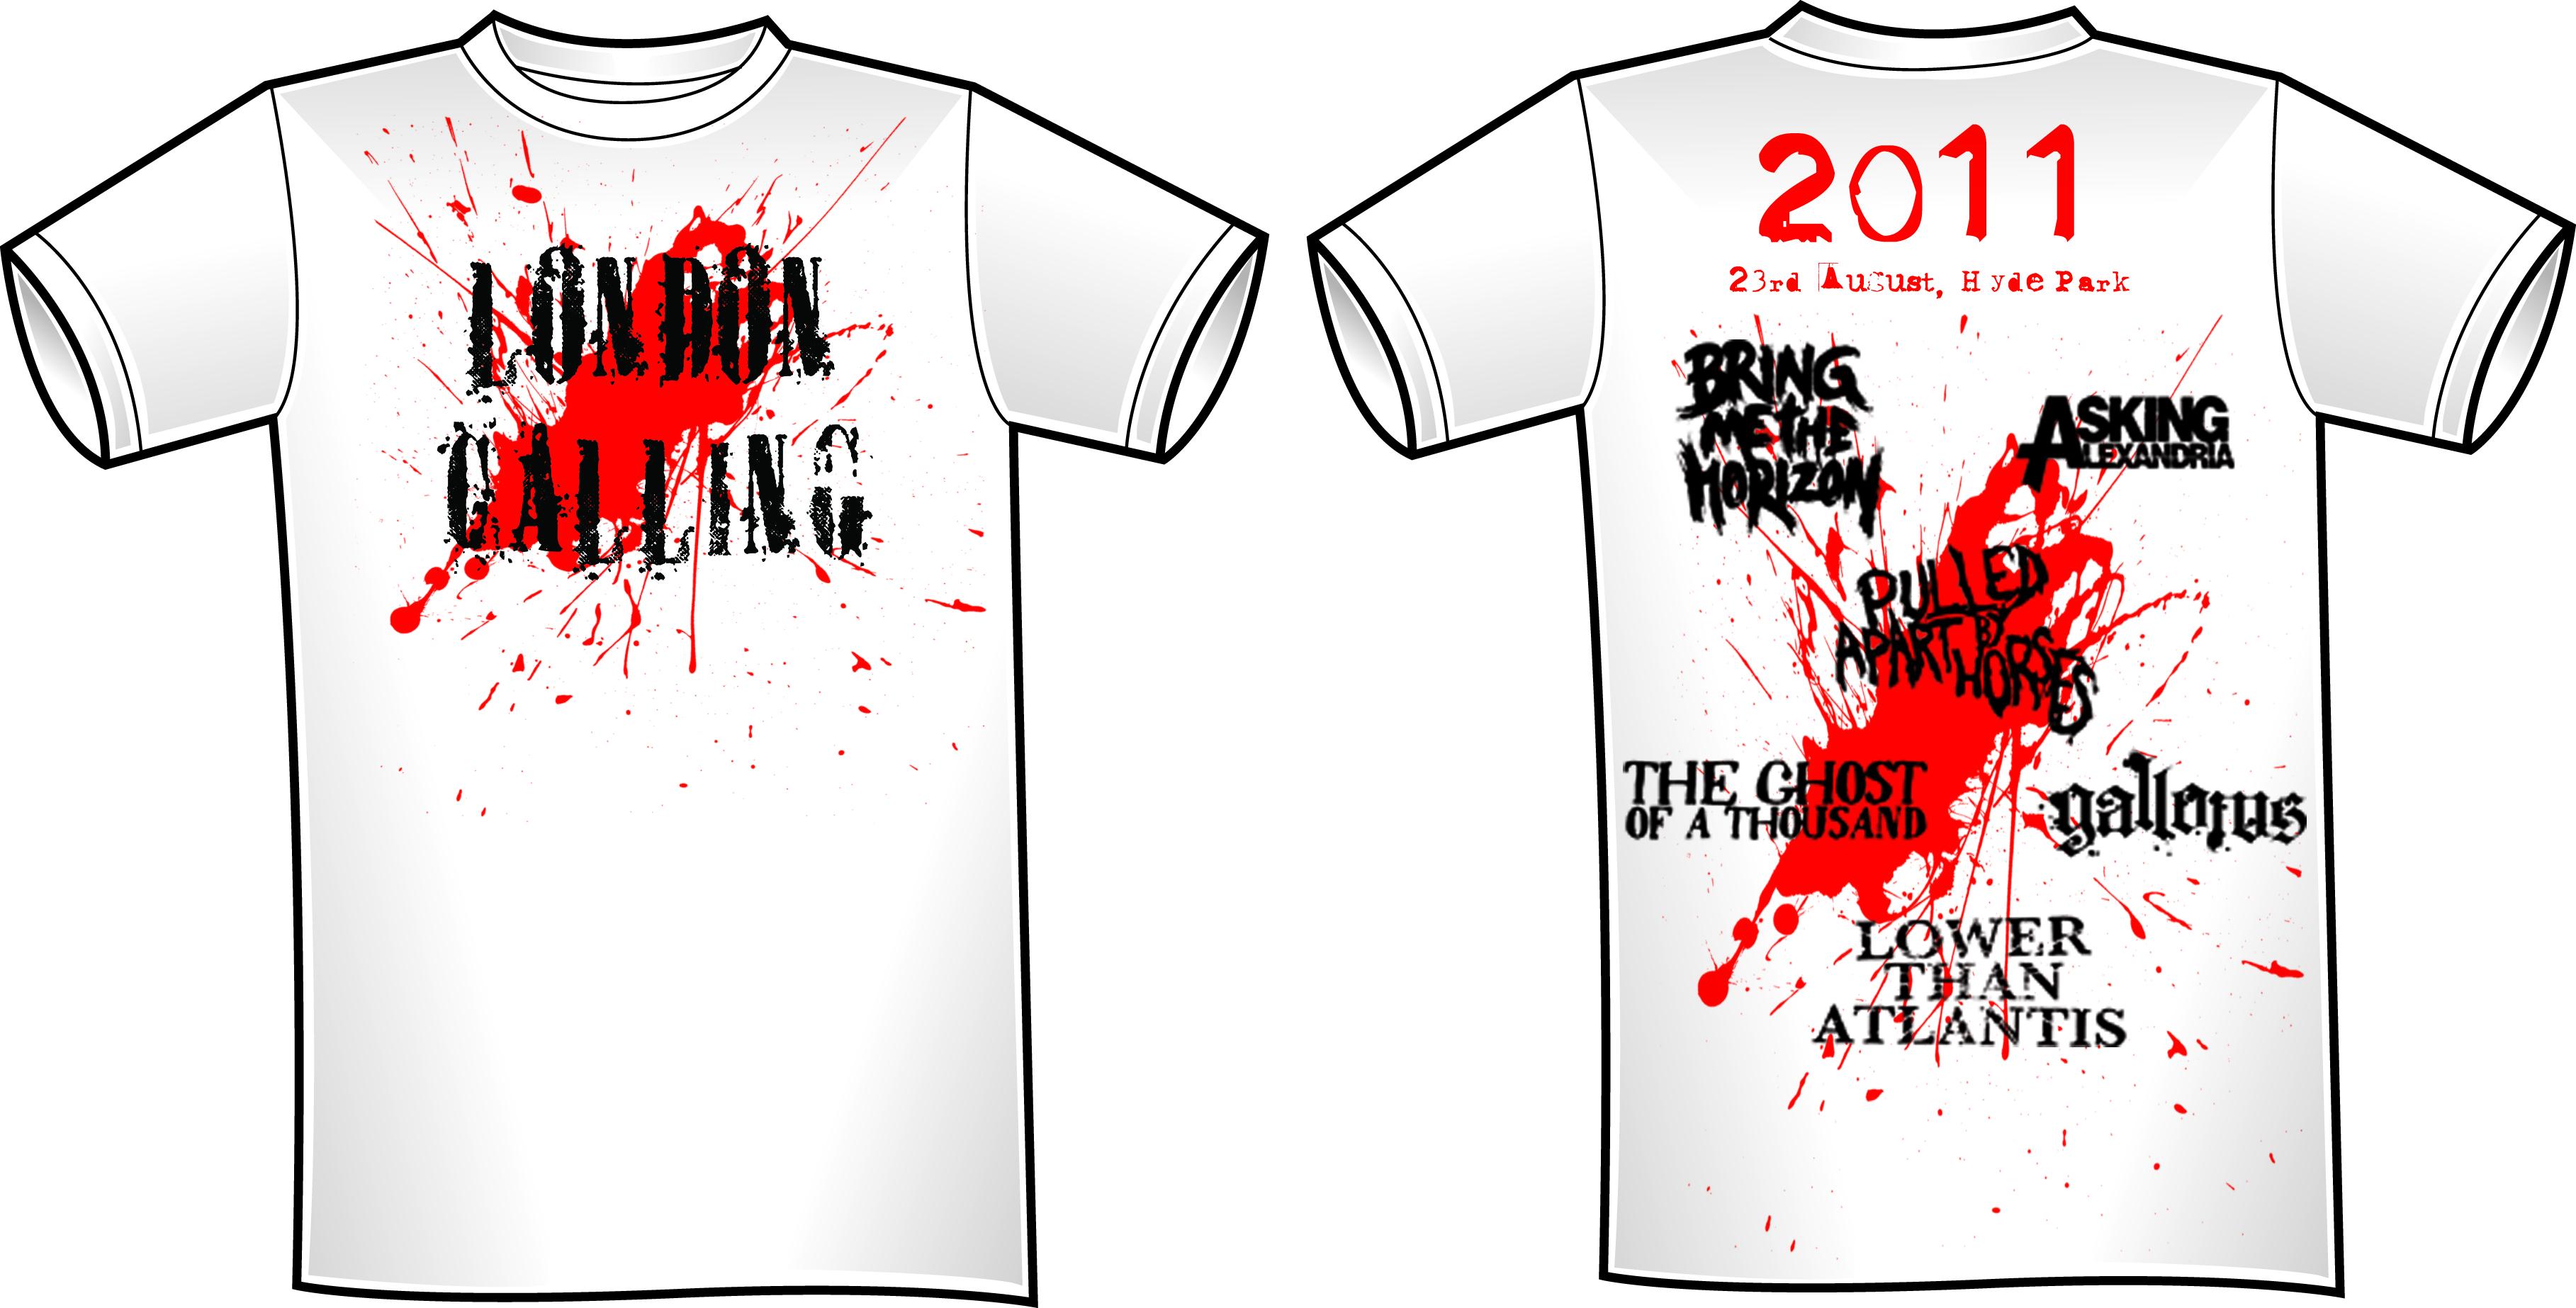 White t shirt design ideas - White T Shirt Design Ideas Shirt Design By White Download